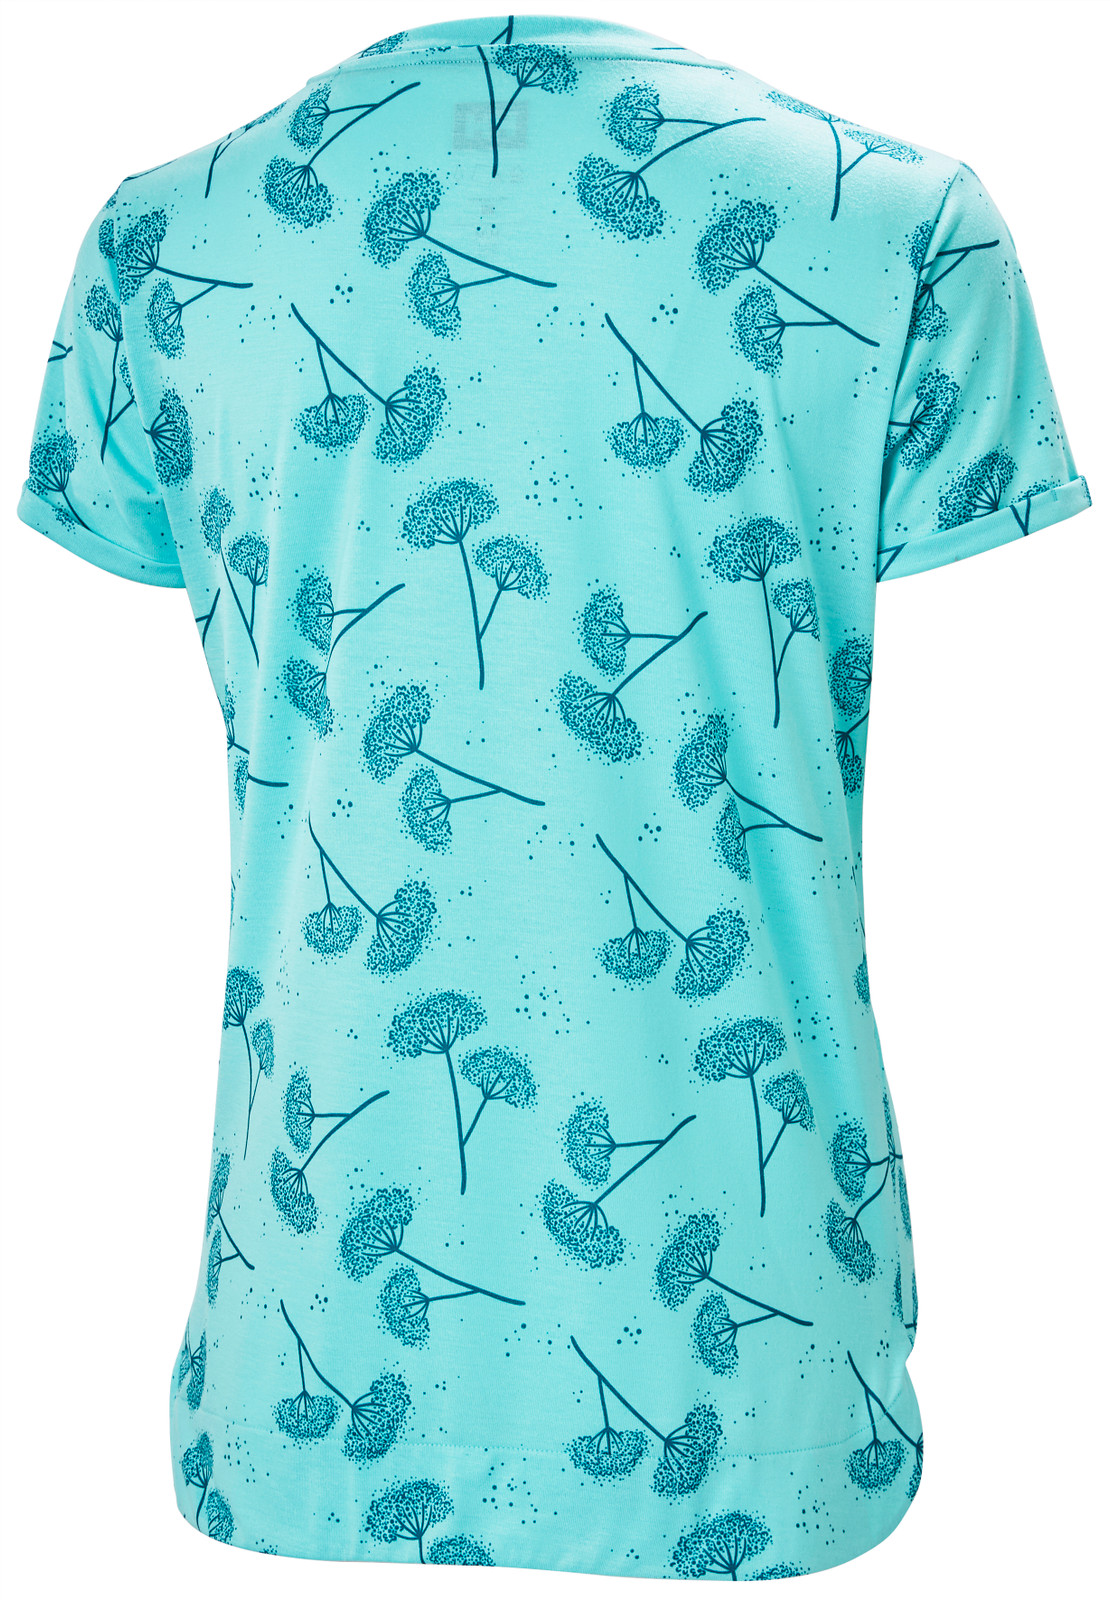 Helly Hansen Lomma T-Shirt, Women's - Glacier Blue, 62878-648 back